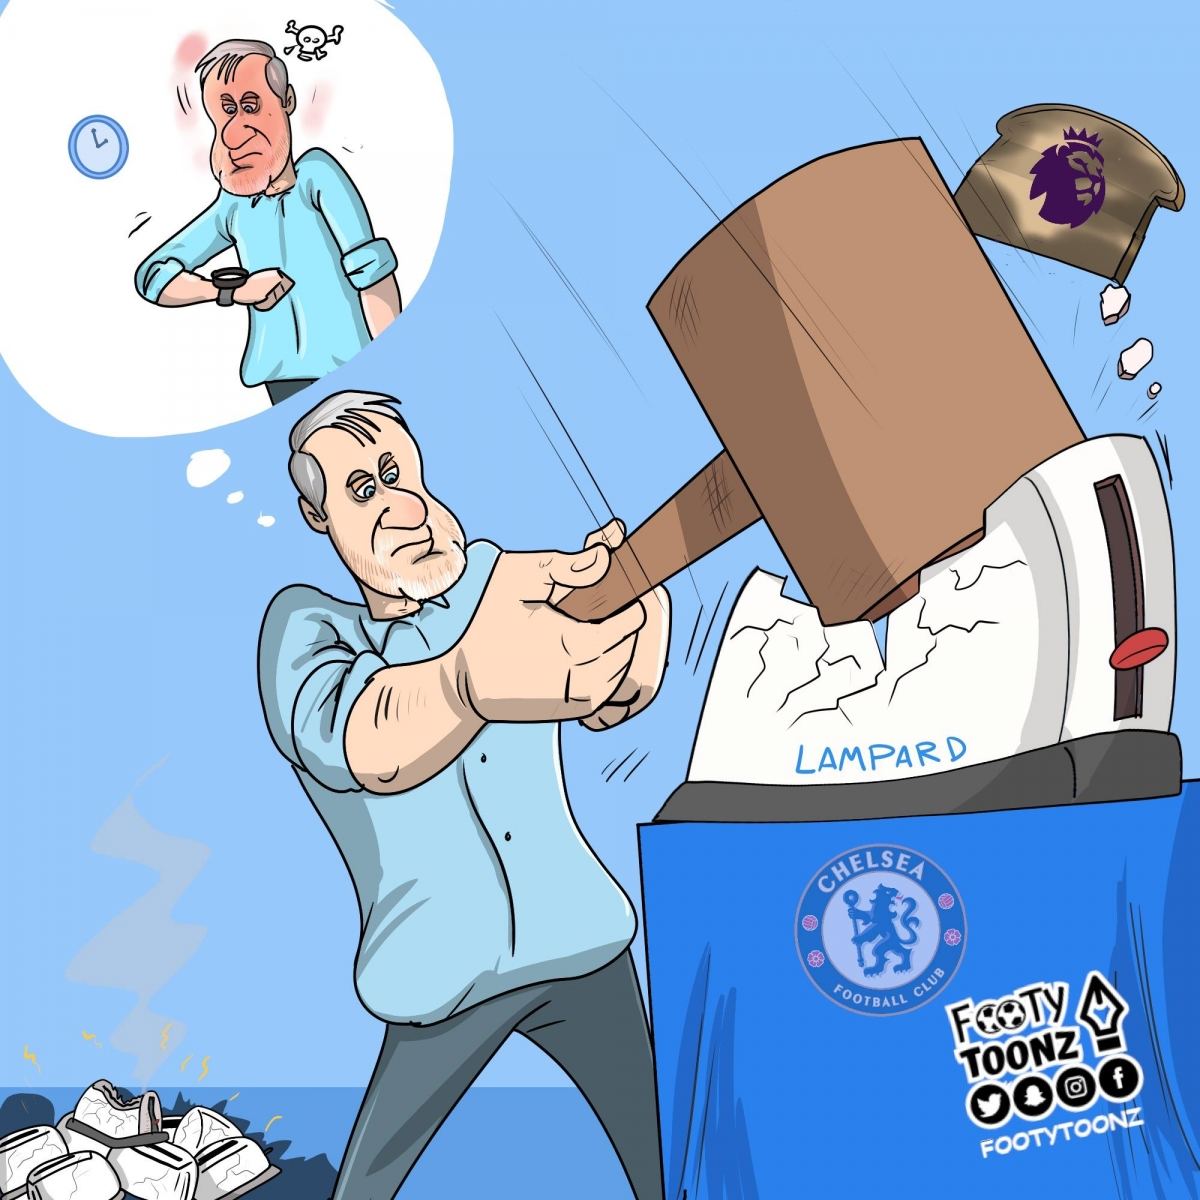 Ông chủRoman Arkadyevich Abramovich không thể kiên nhẫn với Lampard.